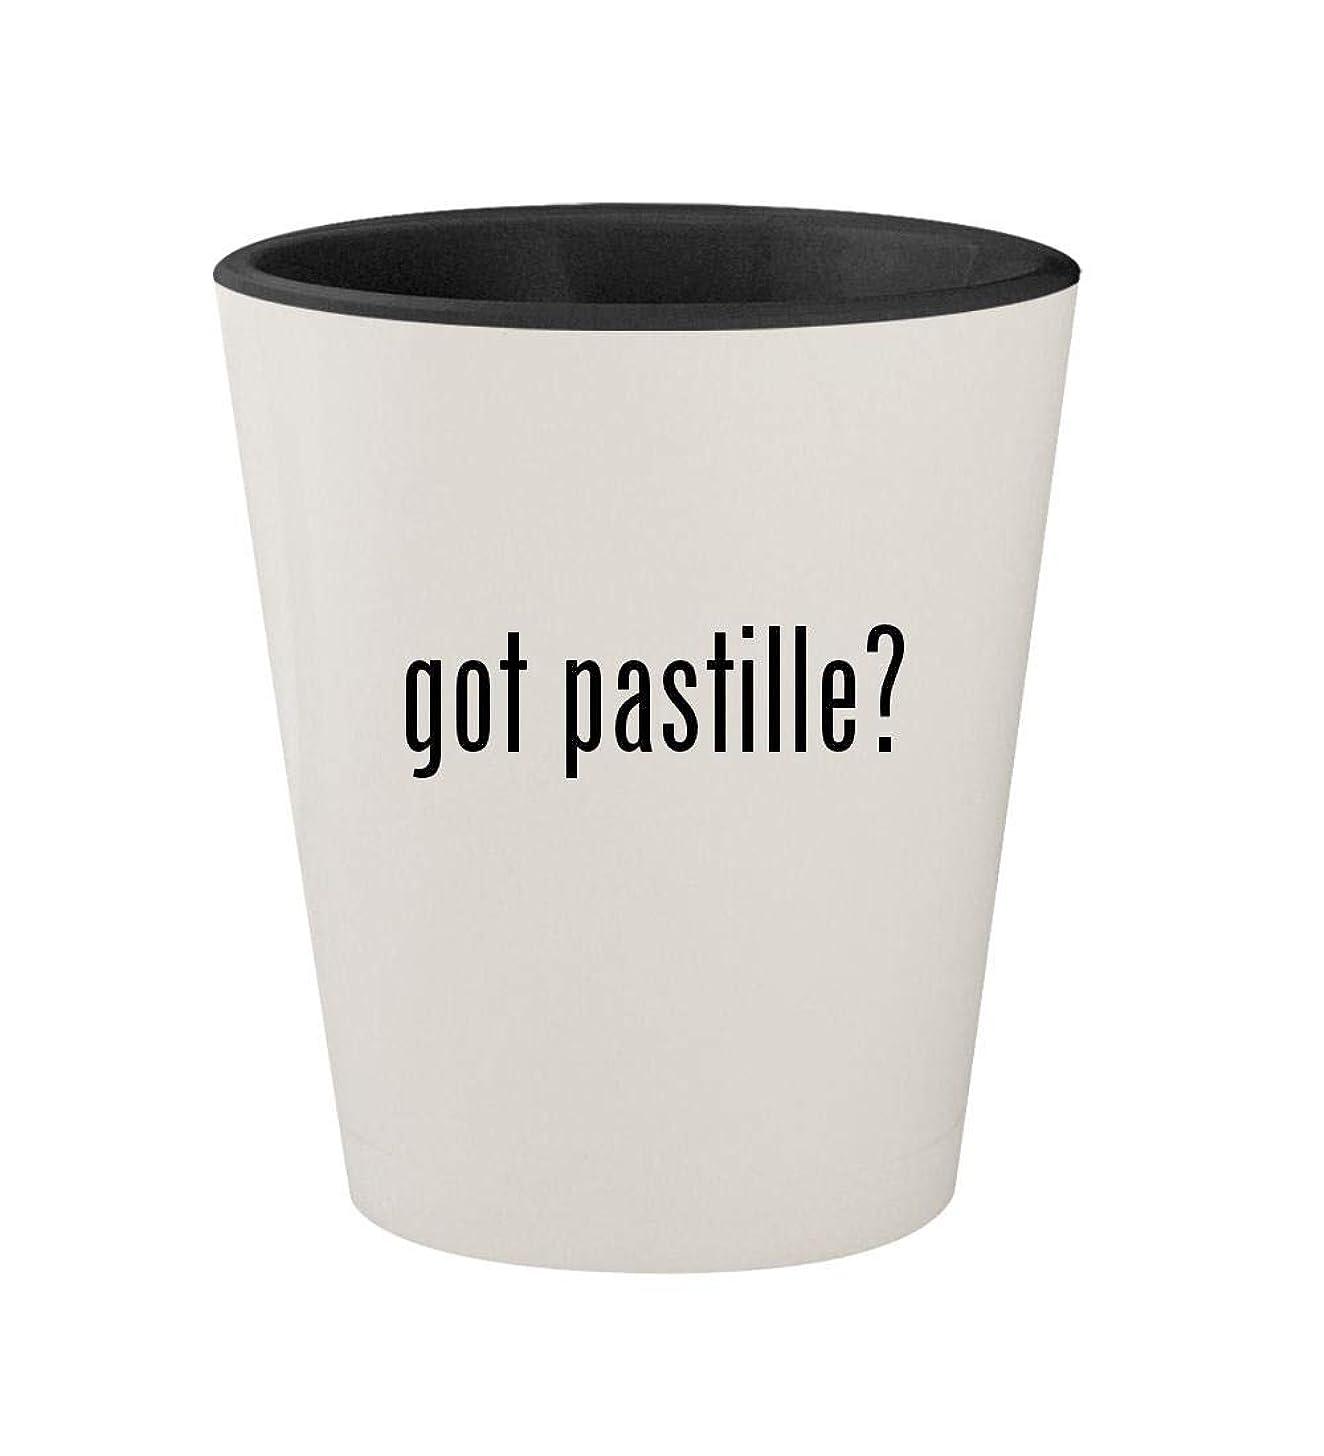 got pastille? - Ceramic White Outer & Black Inner 1.5oz Shot Glass